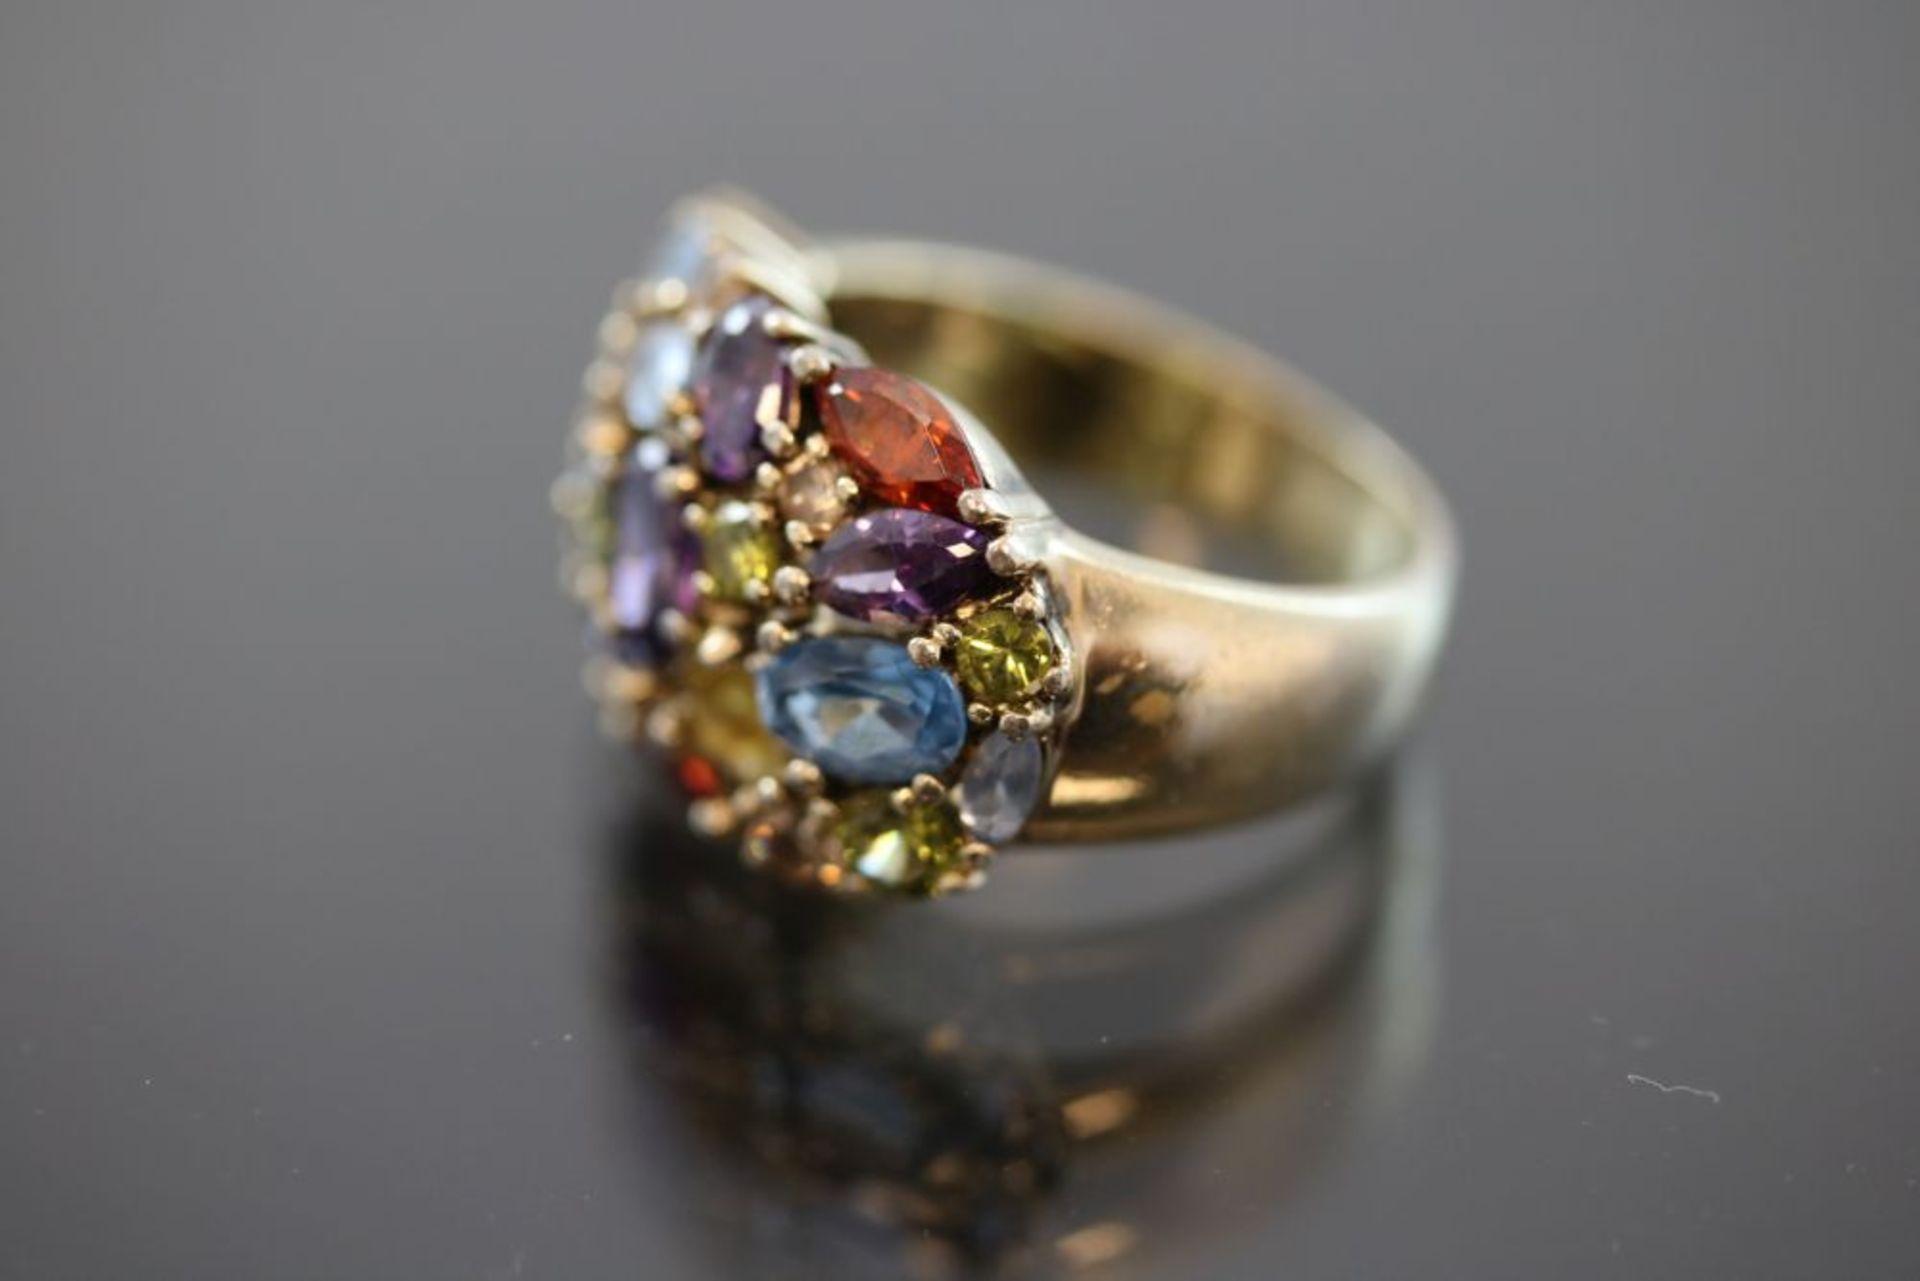 Farbstein-Ring, 925 Silber vergoldet - Bild 2 aus 3